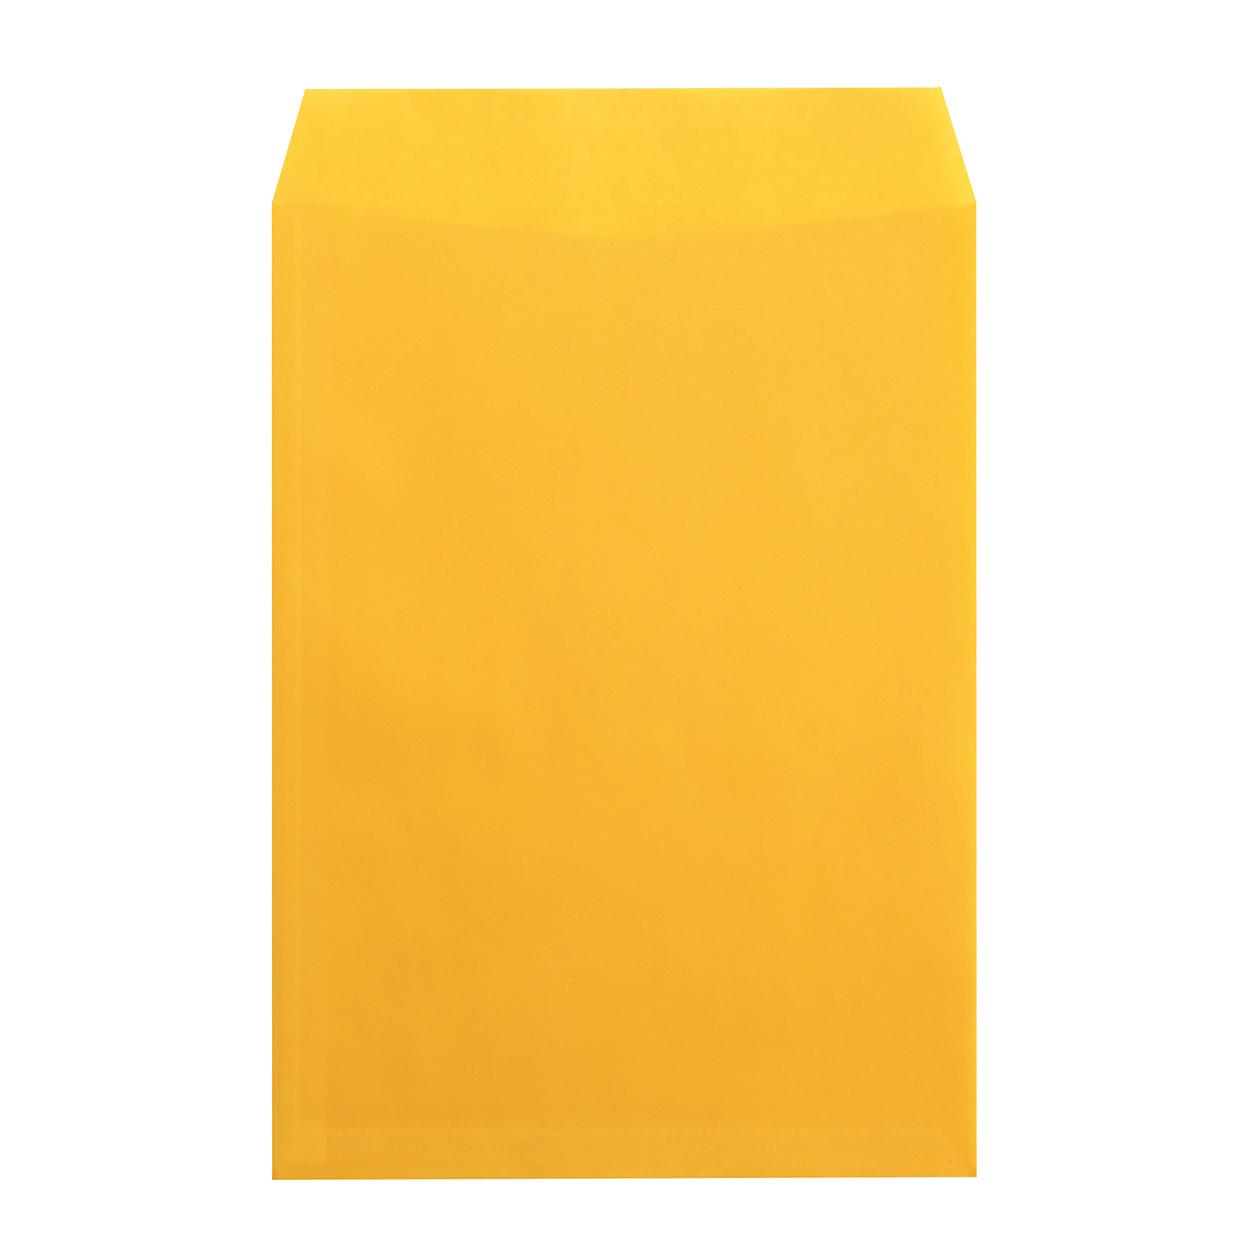 角2封筒 クラフトロウ引き イエロー